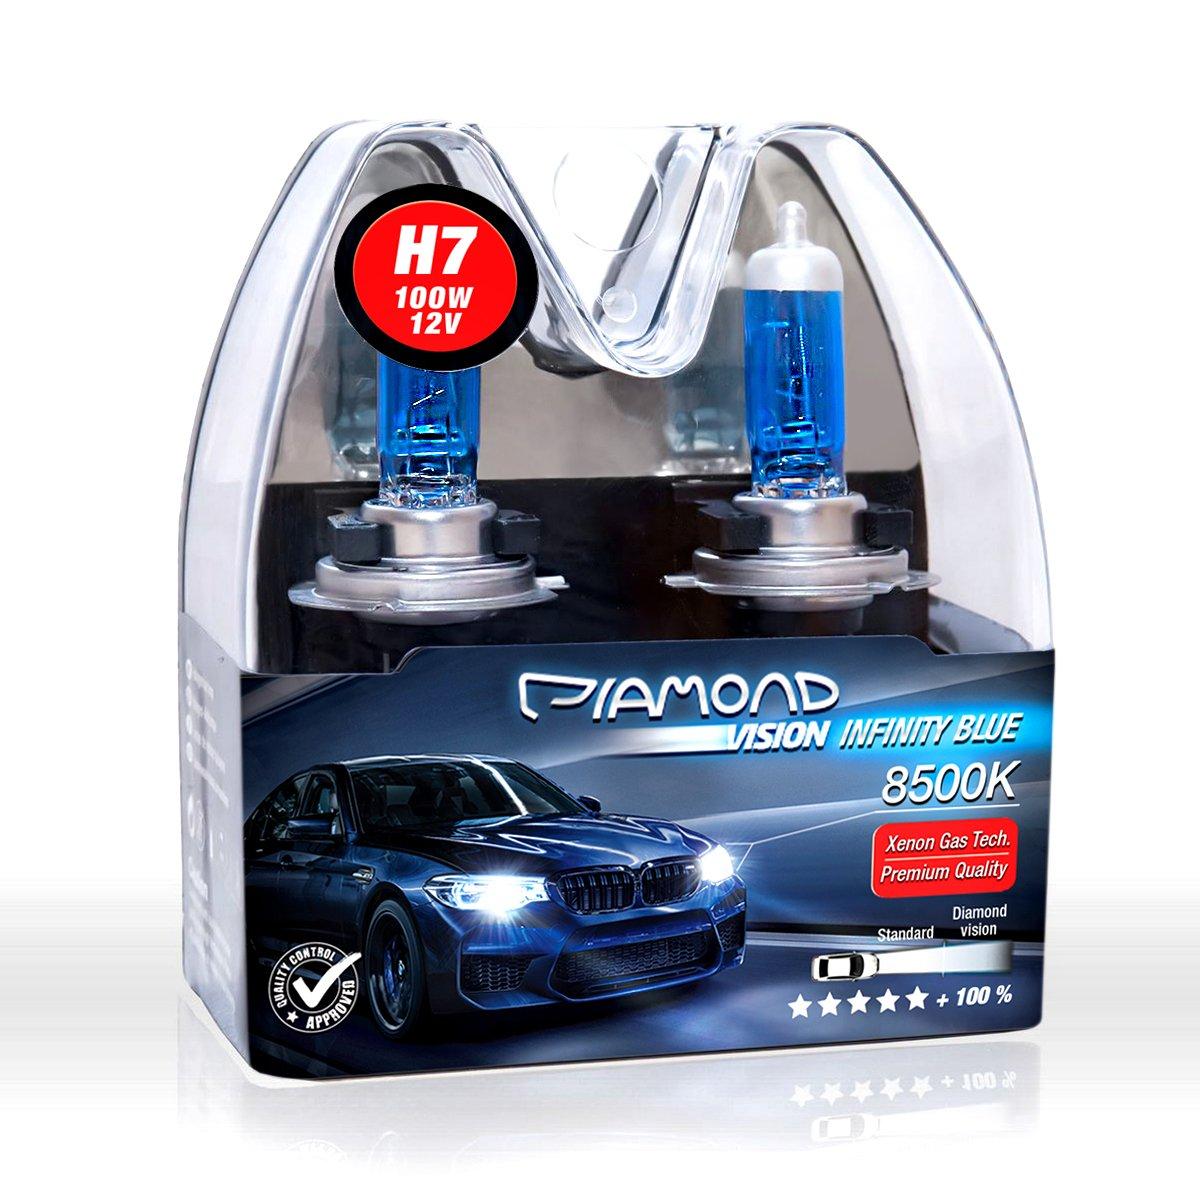 2x White 12V H7 100W 8500K Xenon Lamp Super Bright Halogen Car Headlight Bulbs